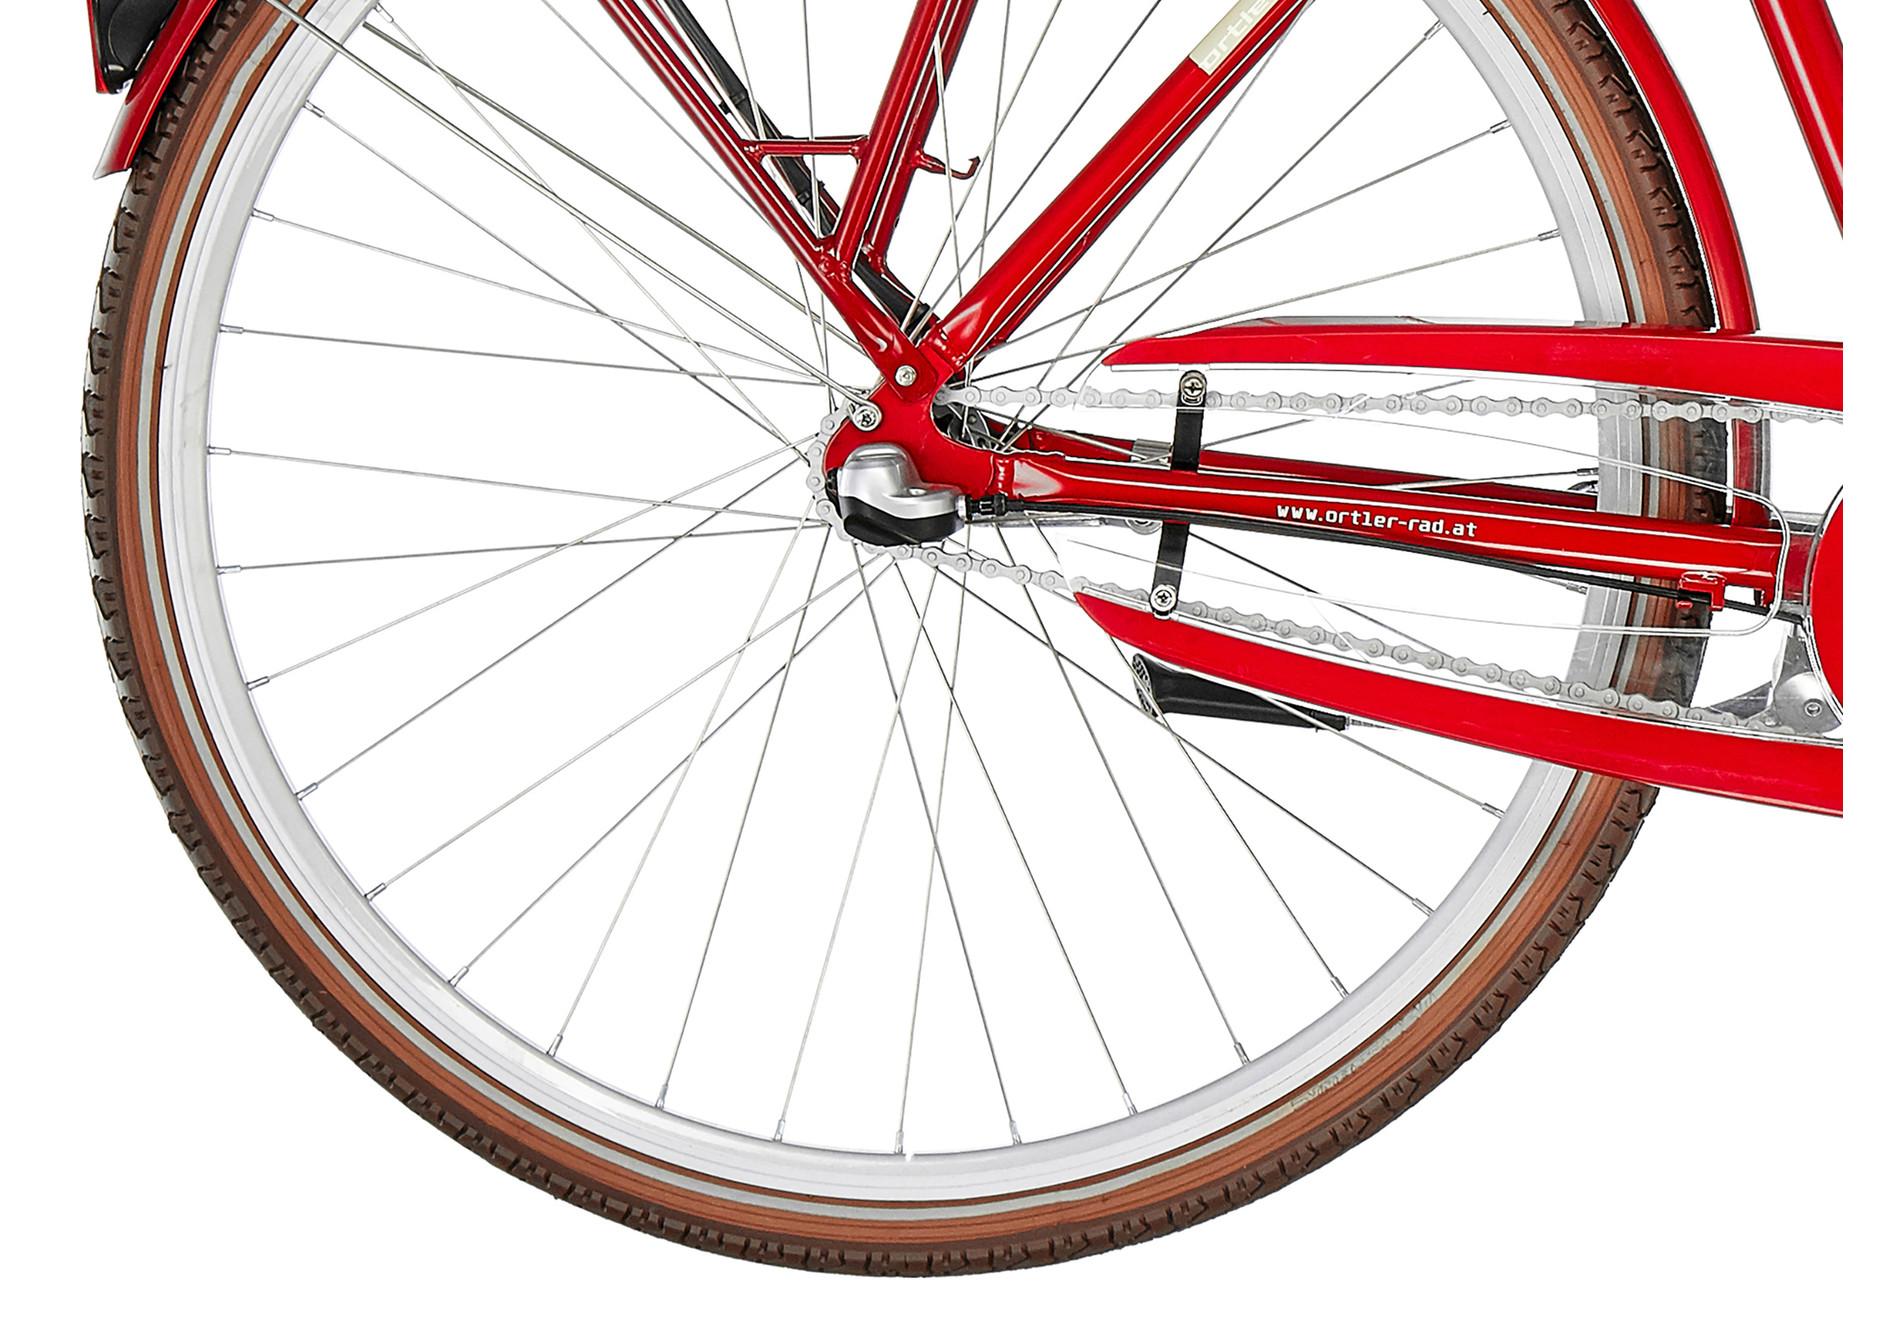 Ortler_Copenhagen_Light_candy_red1880x1320-6